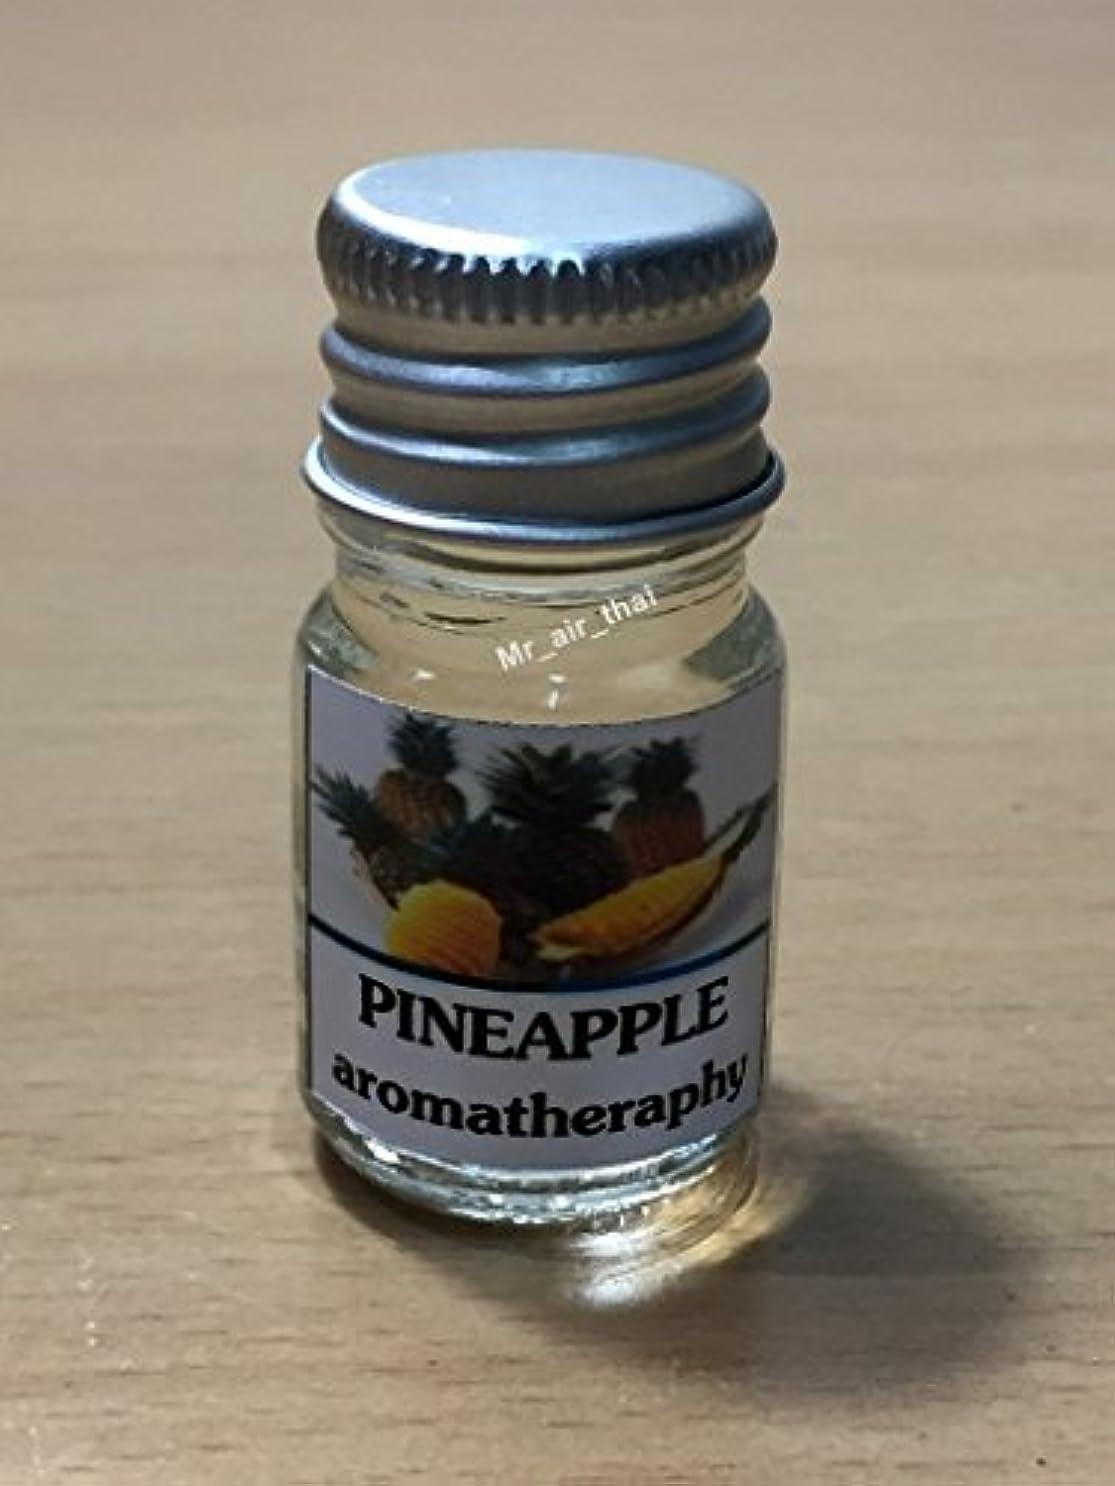 無意識うぬぼれ出くわす5ミリリットルアロマパイナップルフランクインセンスエッセンシャルオイルボトルアロマテラピーオイル自然自然5ml Aroma Pineapple Frankincense Essential Oil Bottles Aromatherapy...